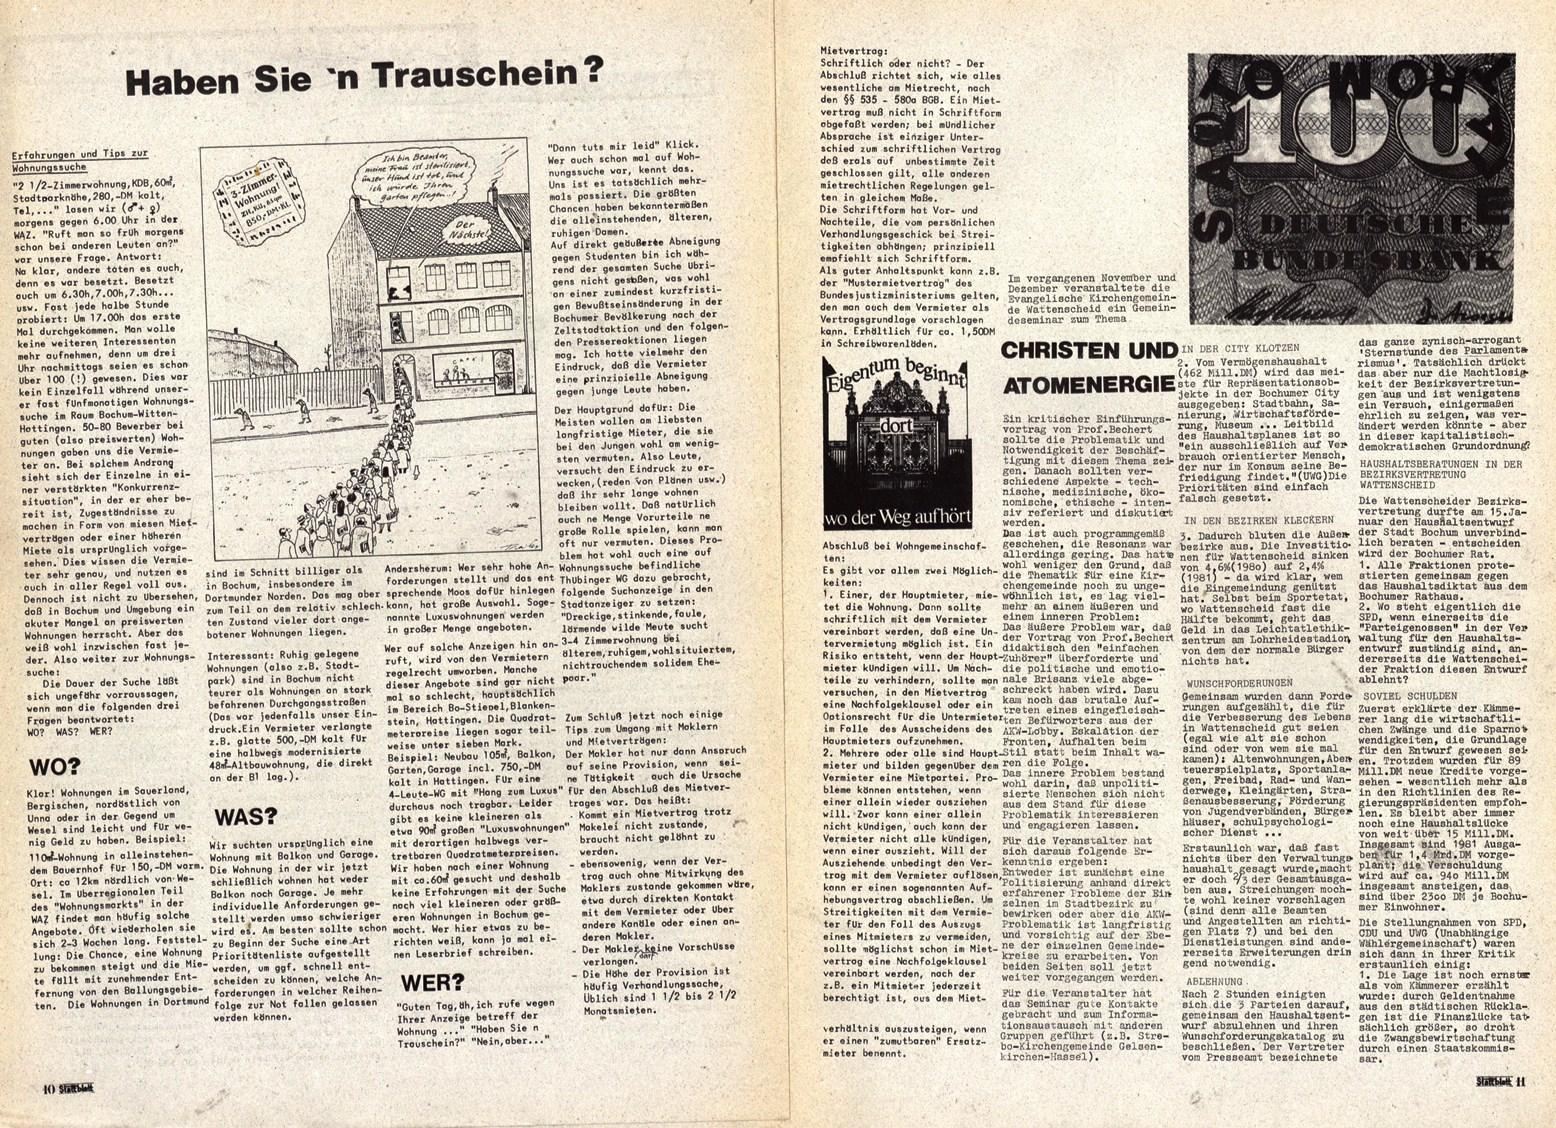 Bochum_Stattblatt_19810200_45_13